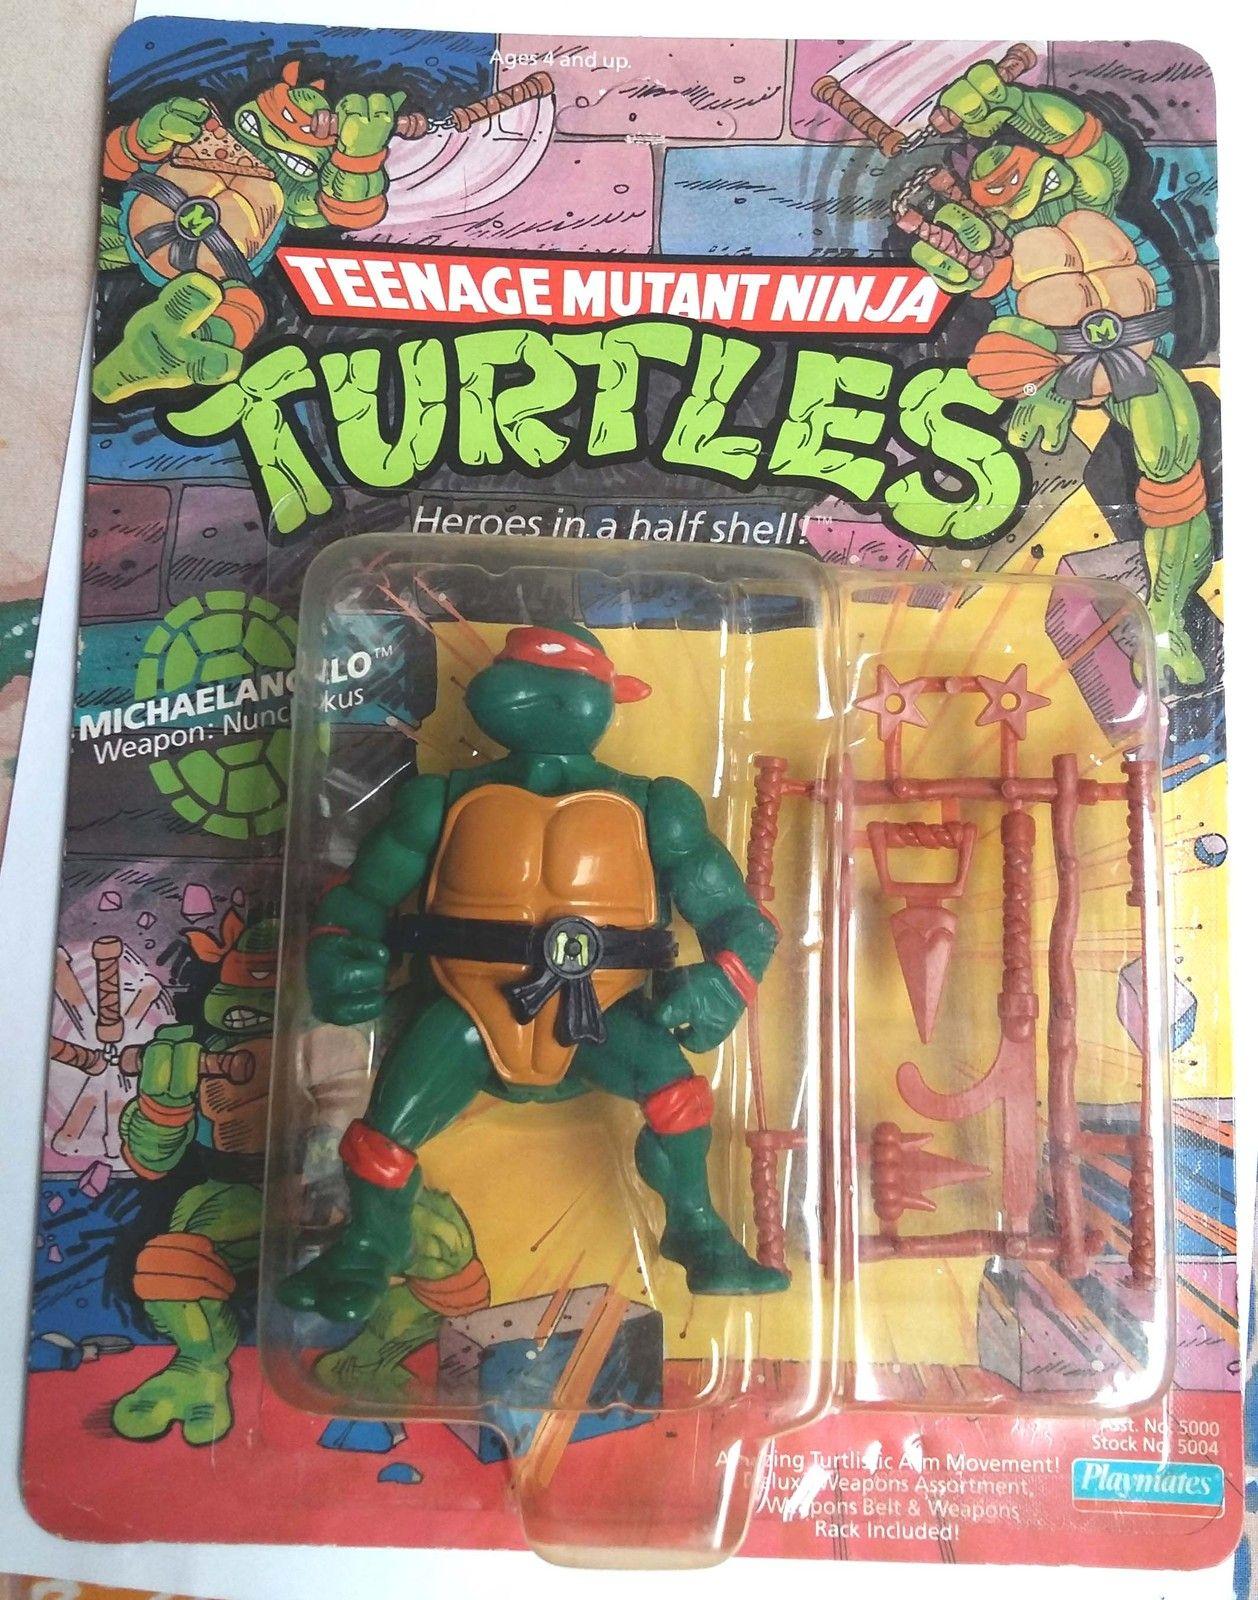 Les Tortues Ninja TMNT The Movie Neca Teenage Mutant Ninja Turtles Rap